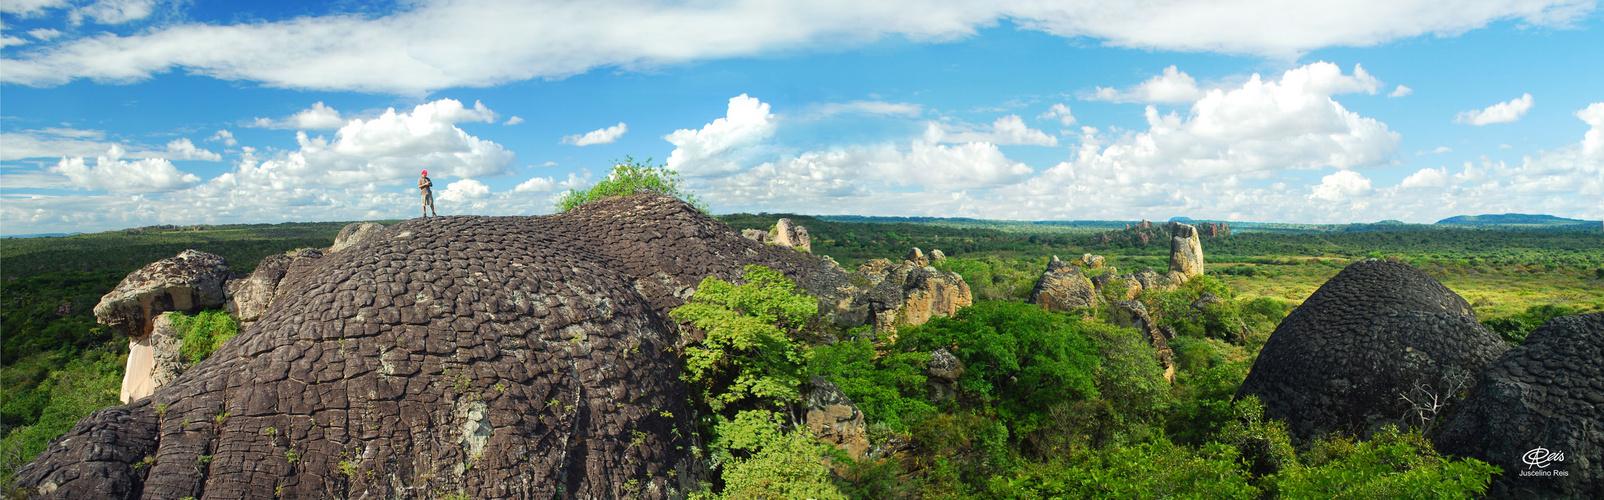 Picos dos André - Castelo do Piauí - Brasil